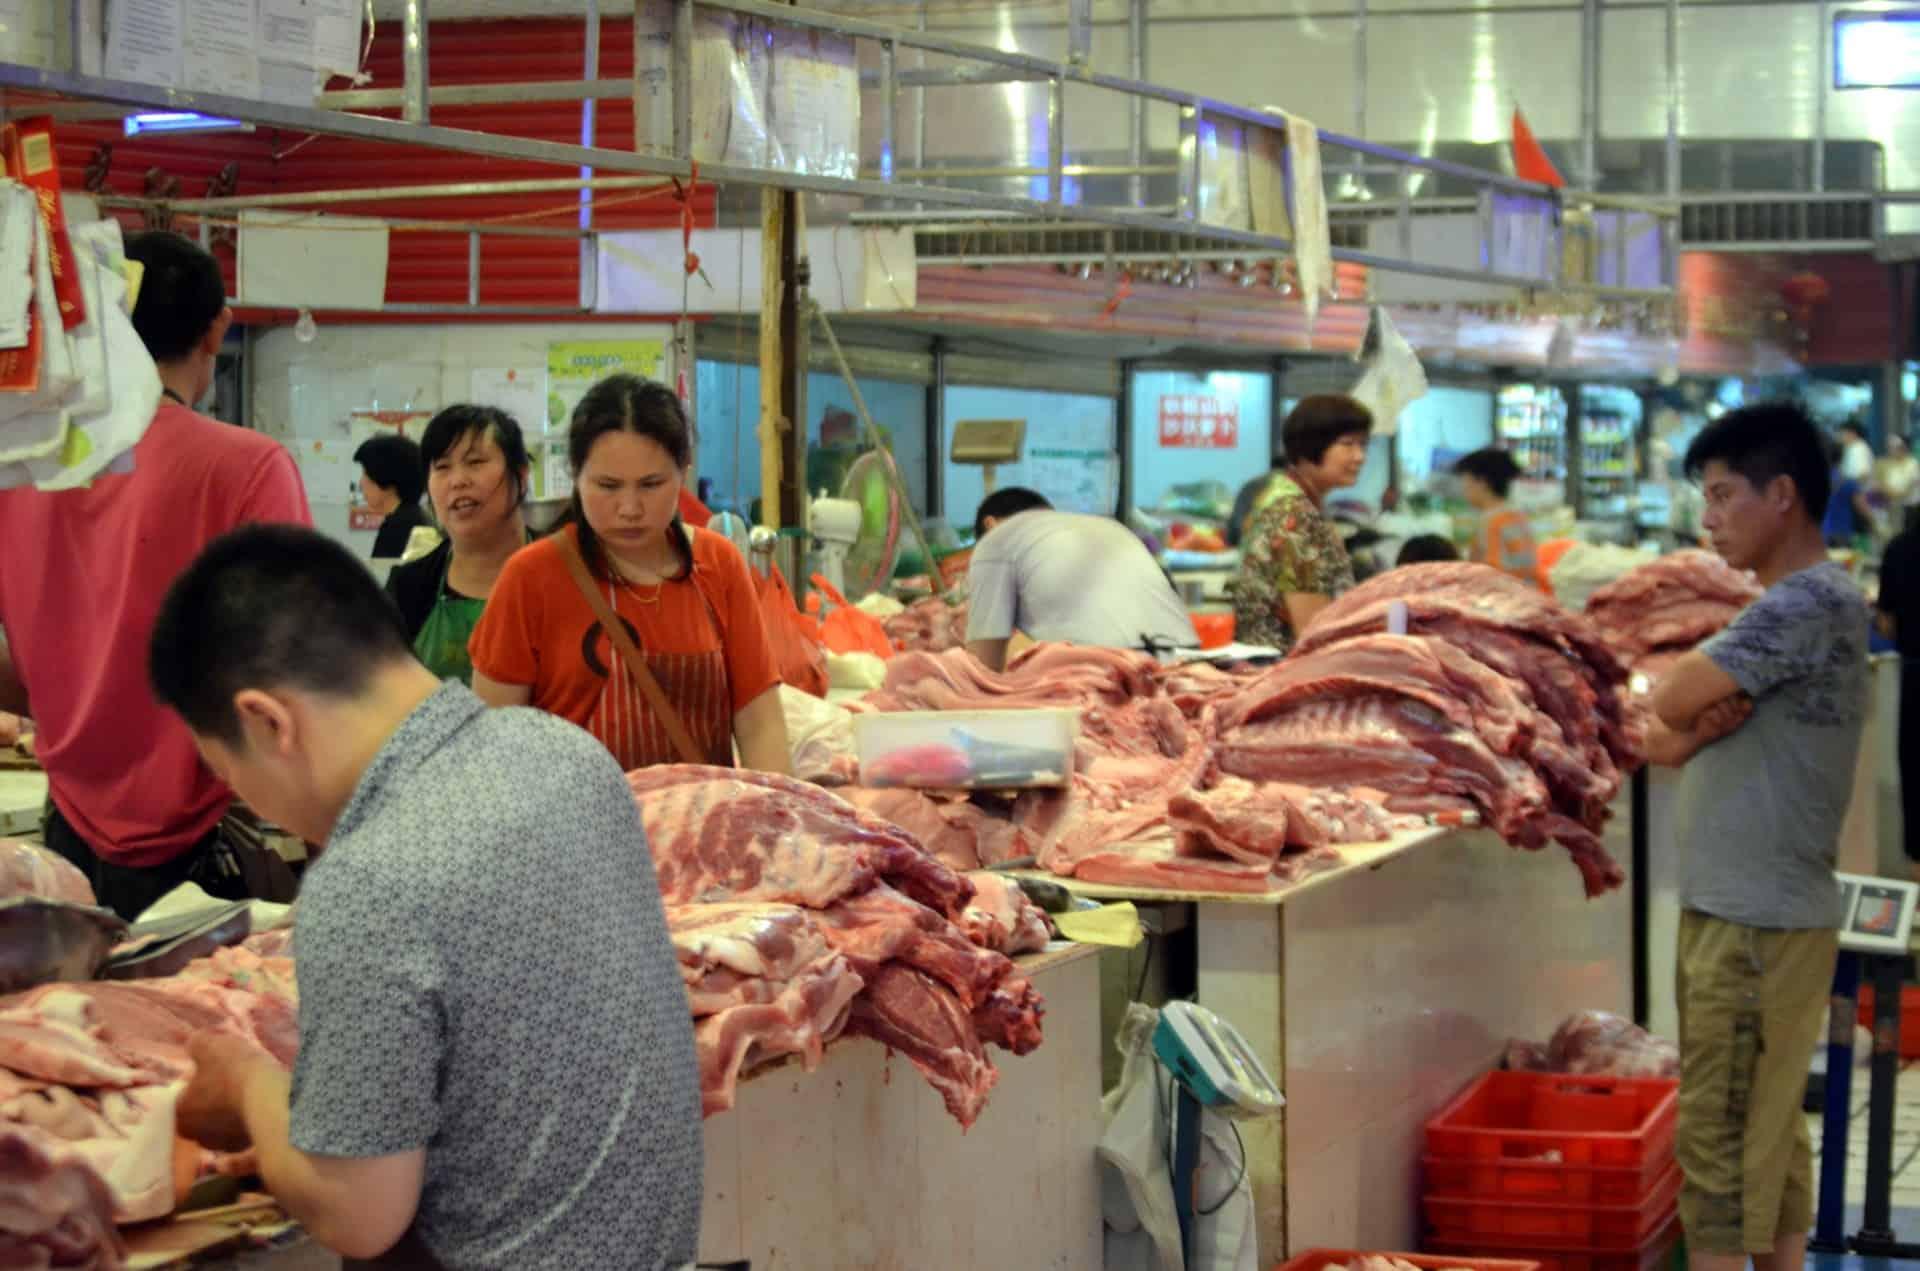 wholesale Meat Market in China via Publicdomainpictures.net